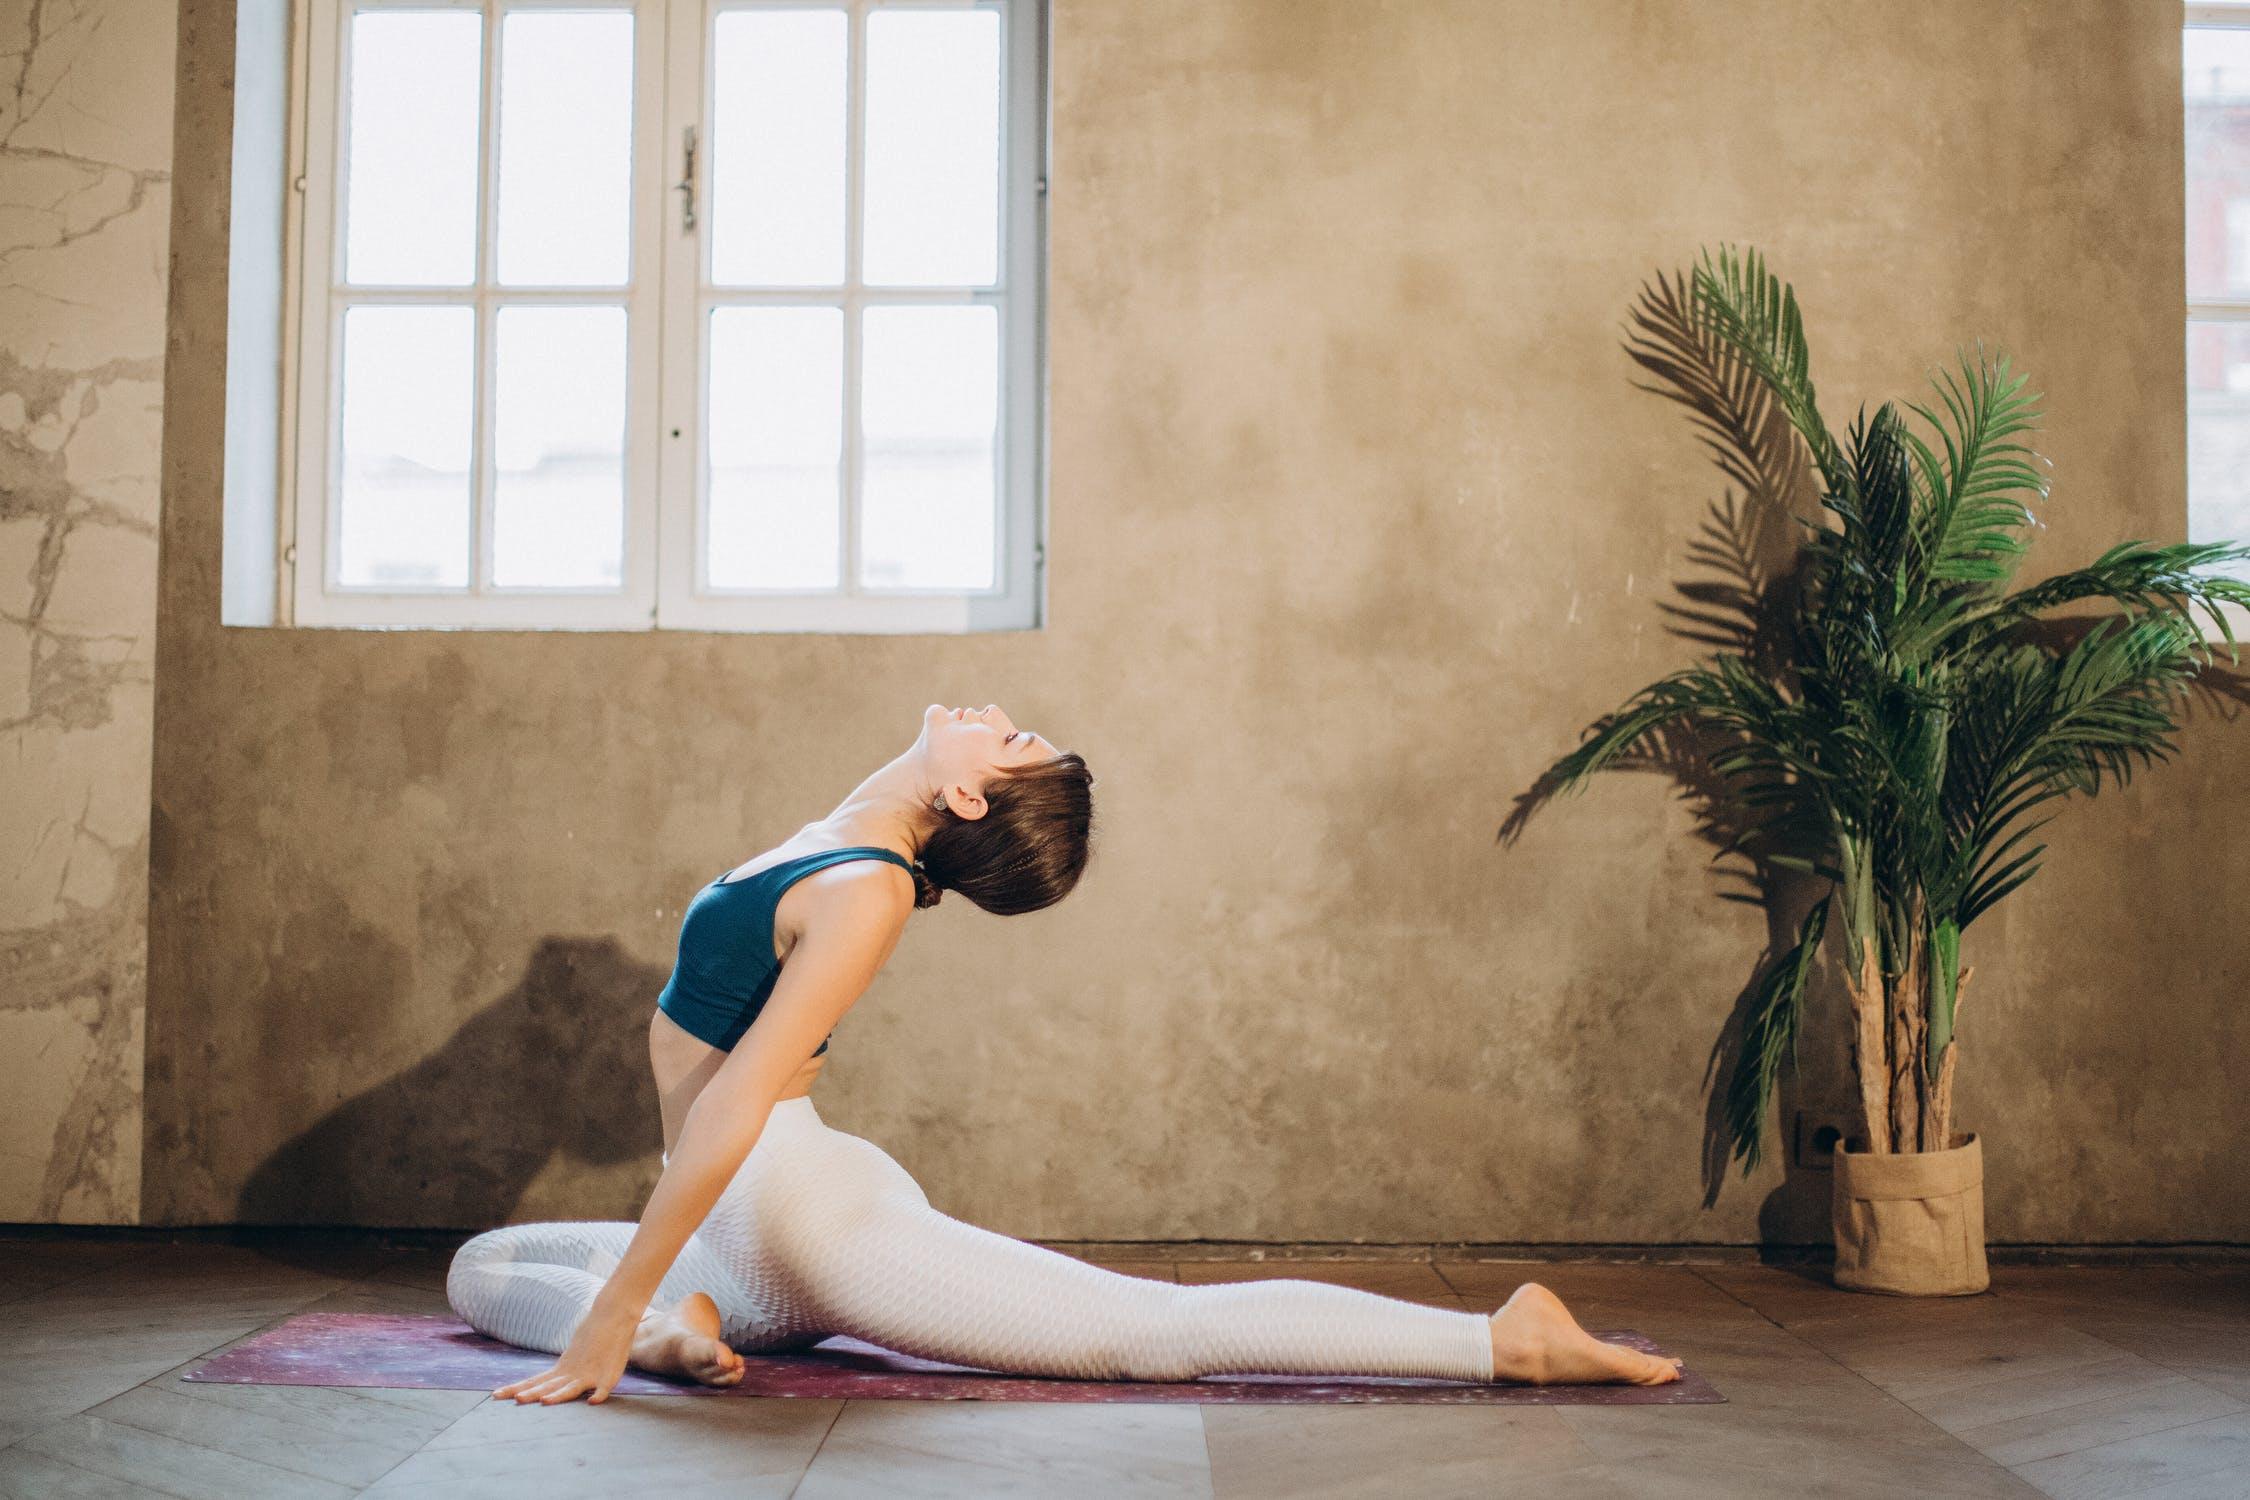 Luyện tập căng cơ mỗi ngày giúp bạn thư giãn tâm trí, làm việc hiệu quả hơn.